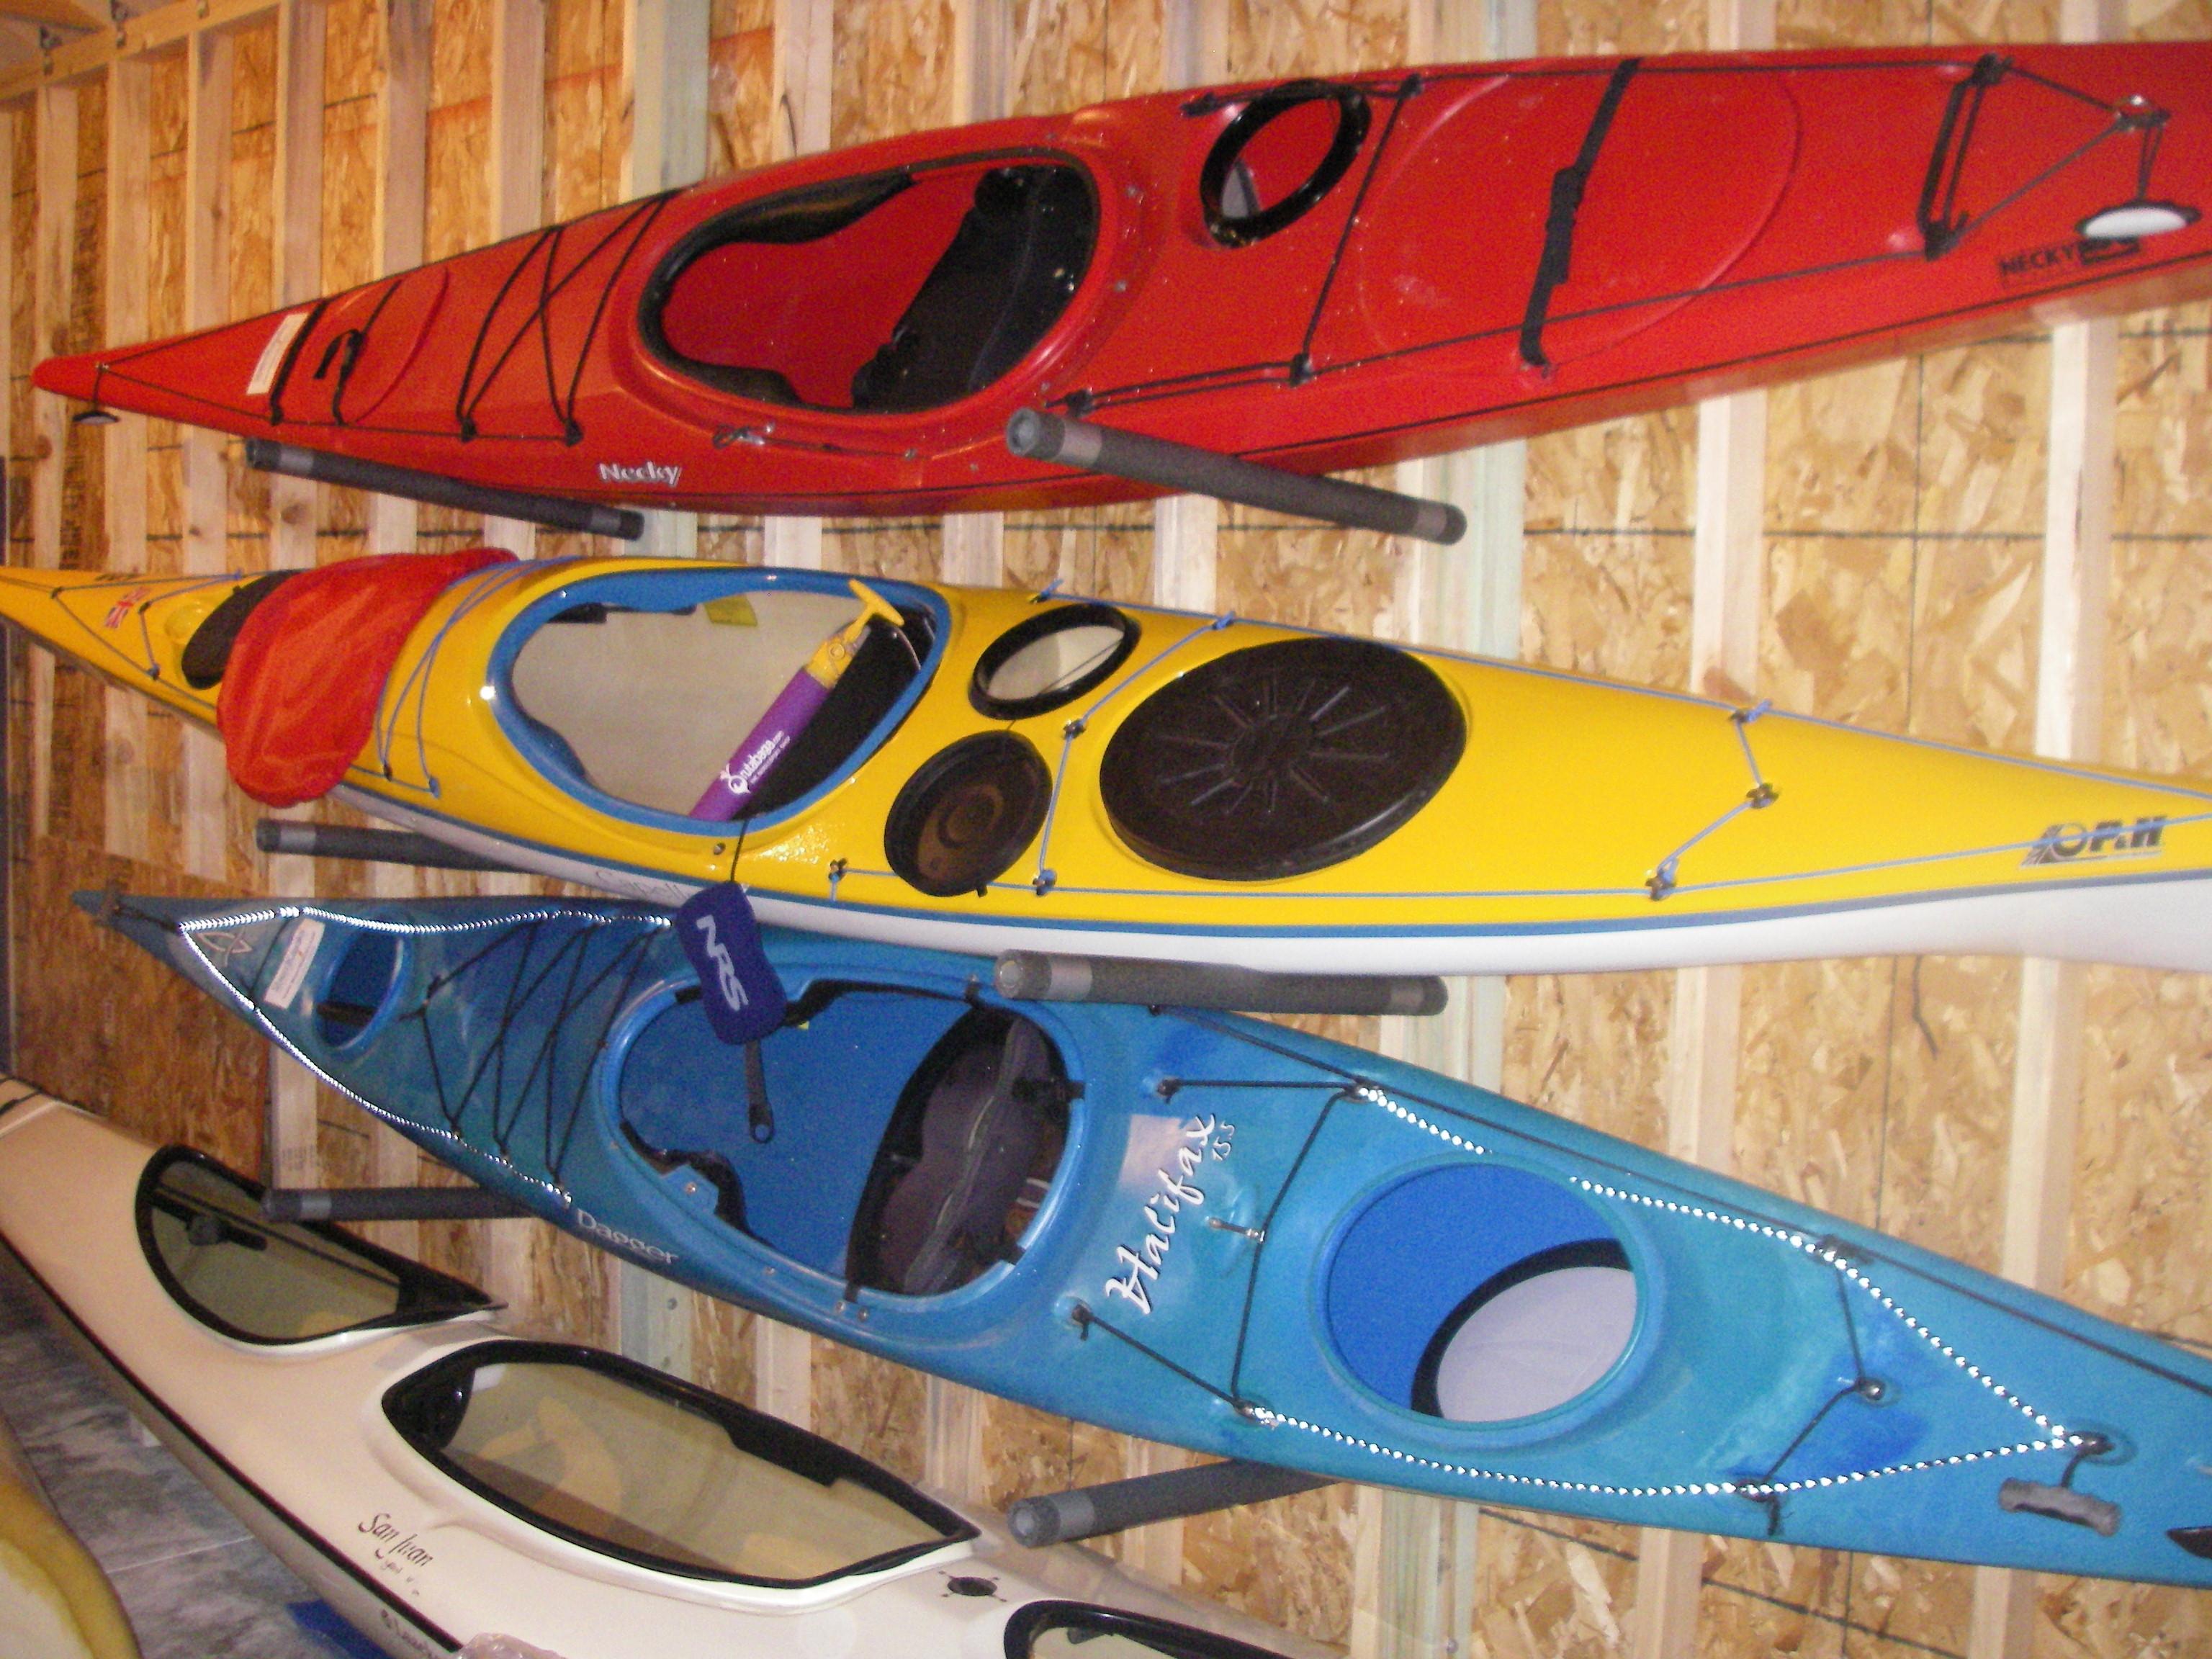 Best ideas about DIY Kayak Rack Garage . Save or Pin High Quality Kayak Racks For Garage 5 Diy Garage Kayak Now.